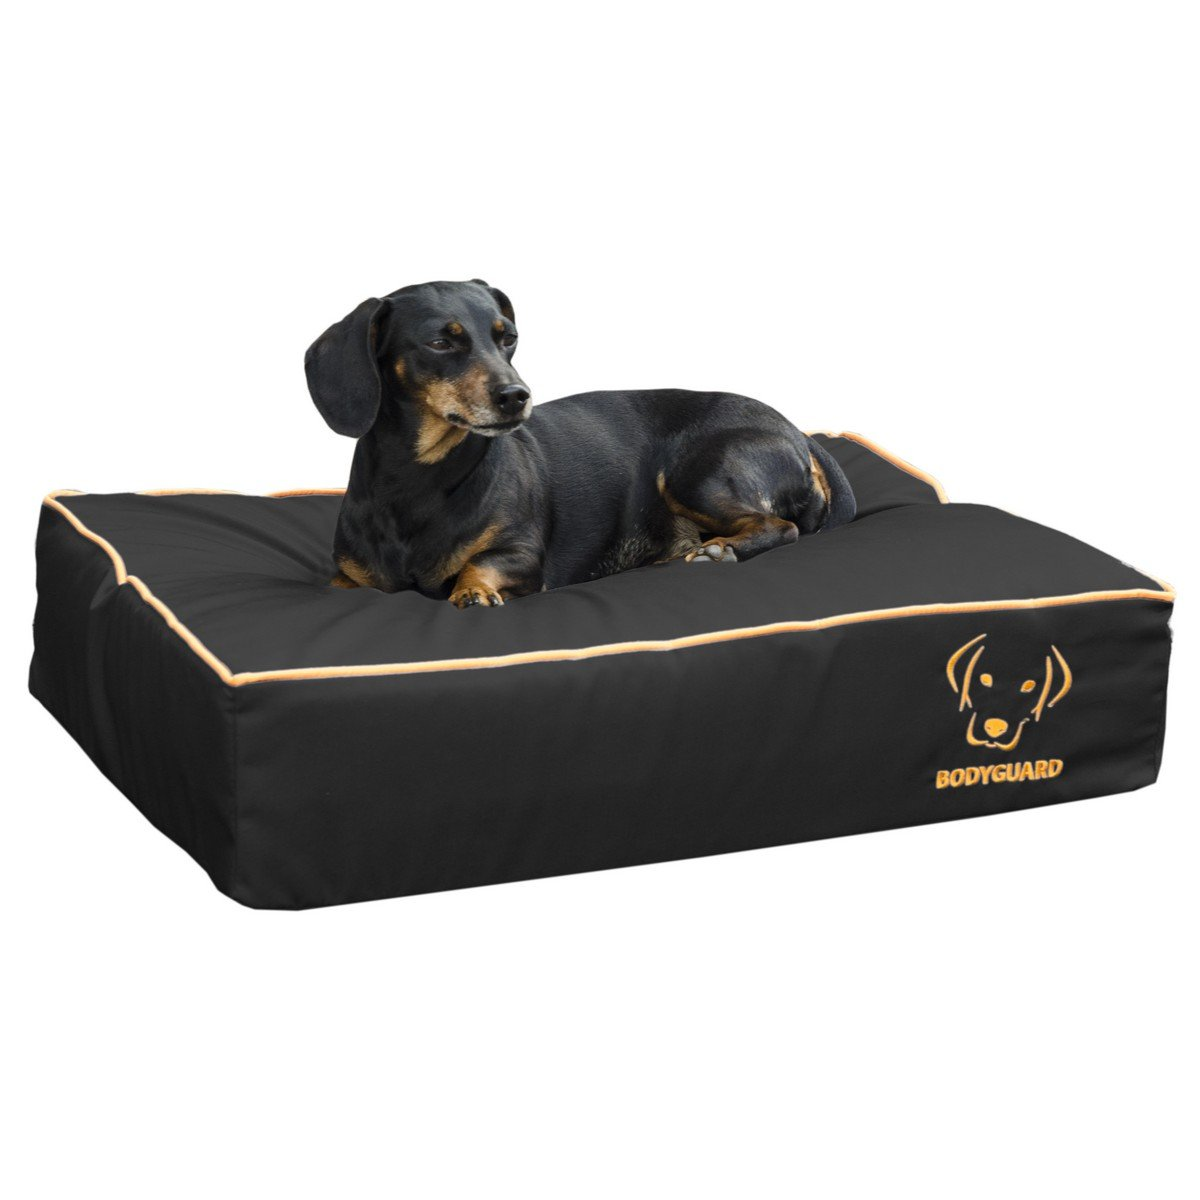 Afbeelding van Bodyguard Hondenbed Zwart 65x50cm